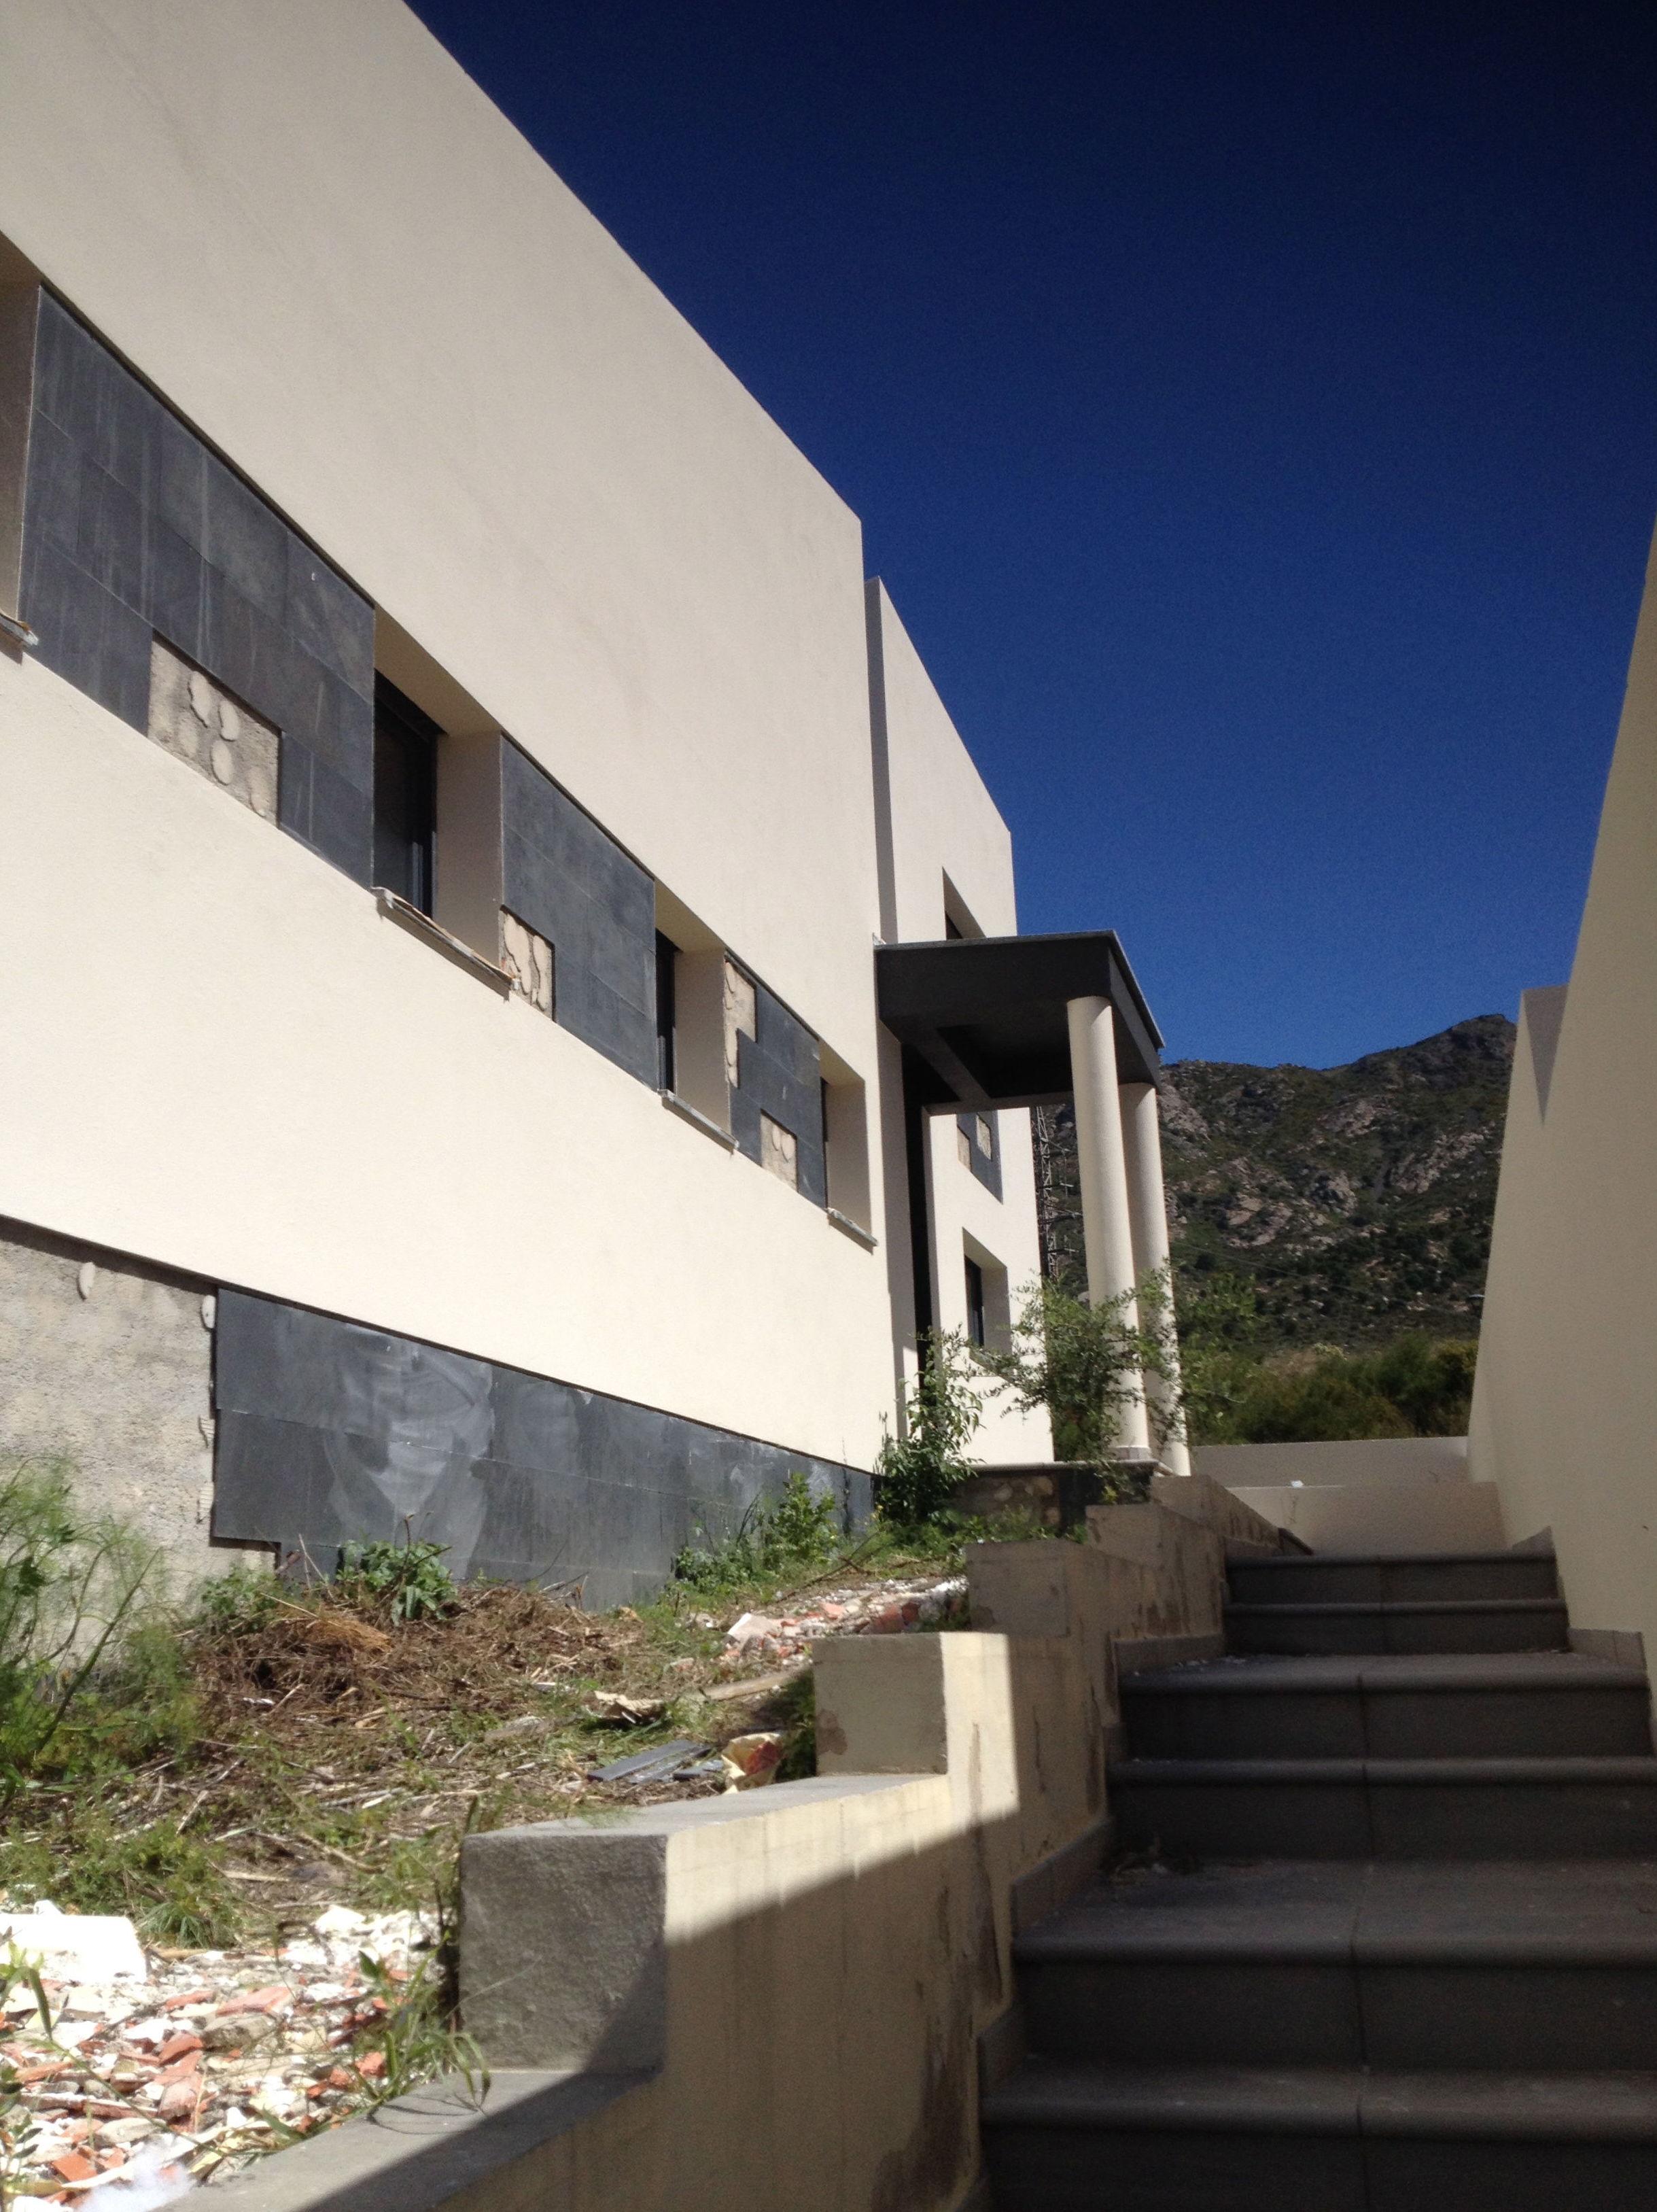 Aislamiento y rehabilitación de fachadas en Girona